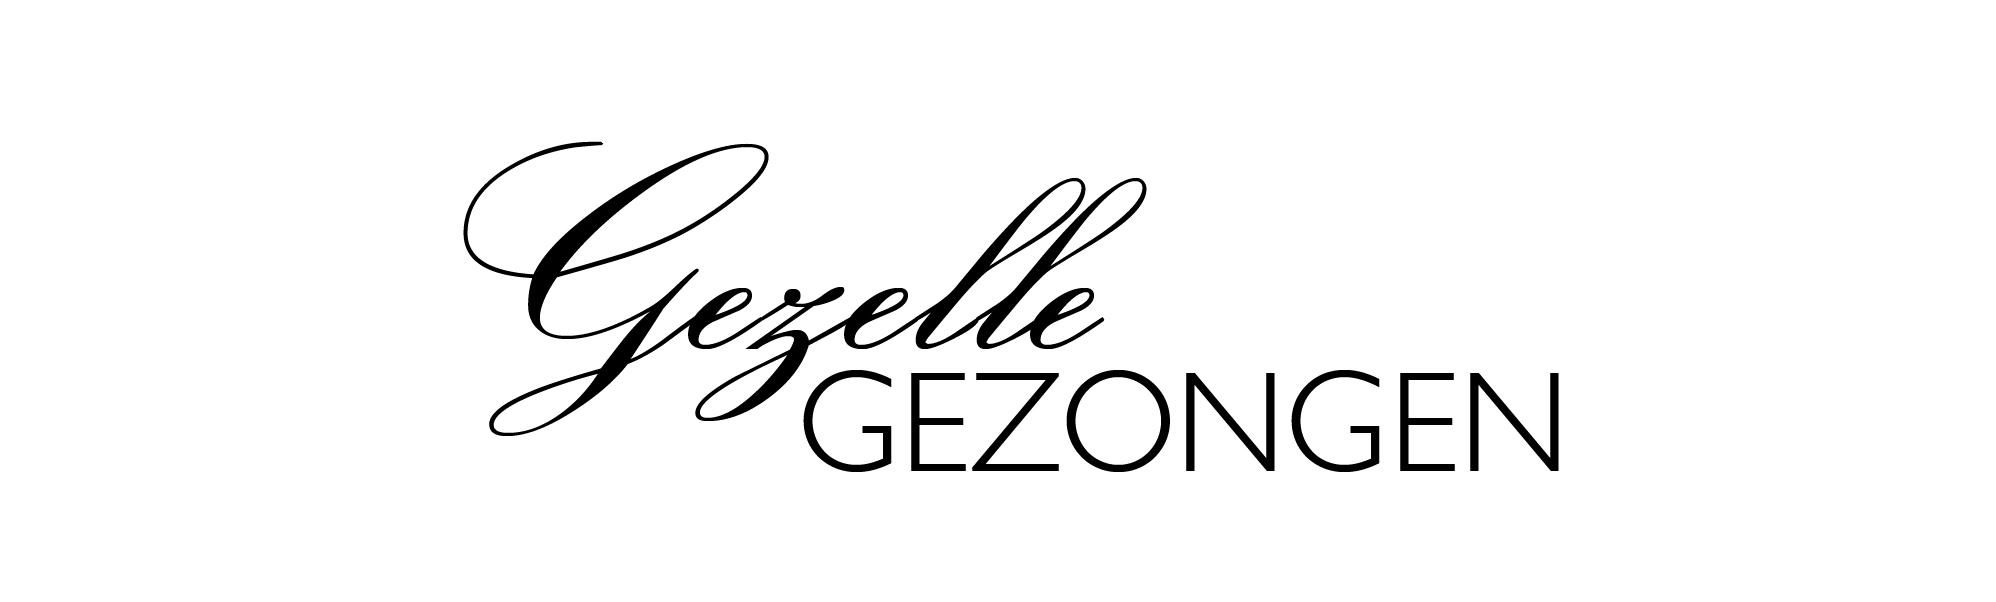 logo Gezelle Gezongen overzicht v1-01jpg